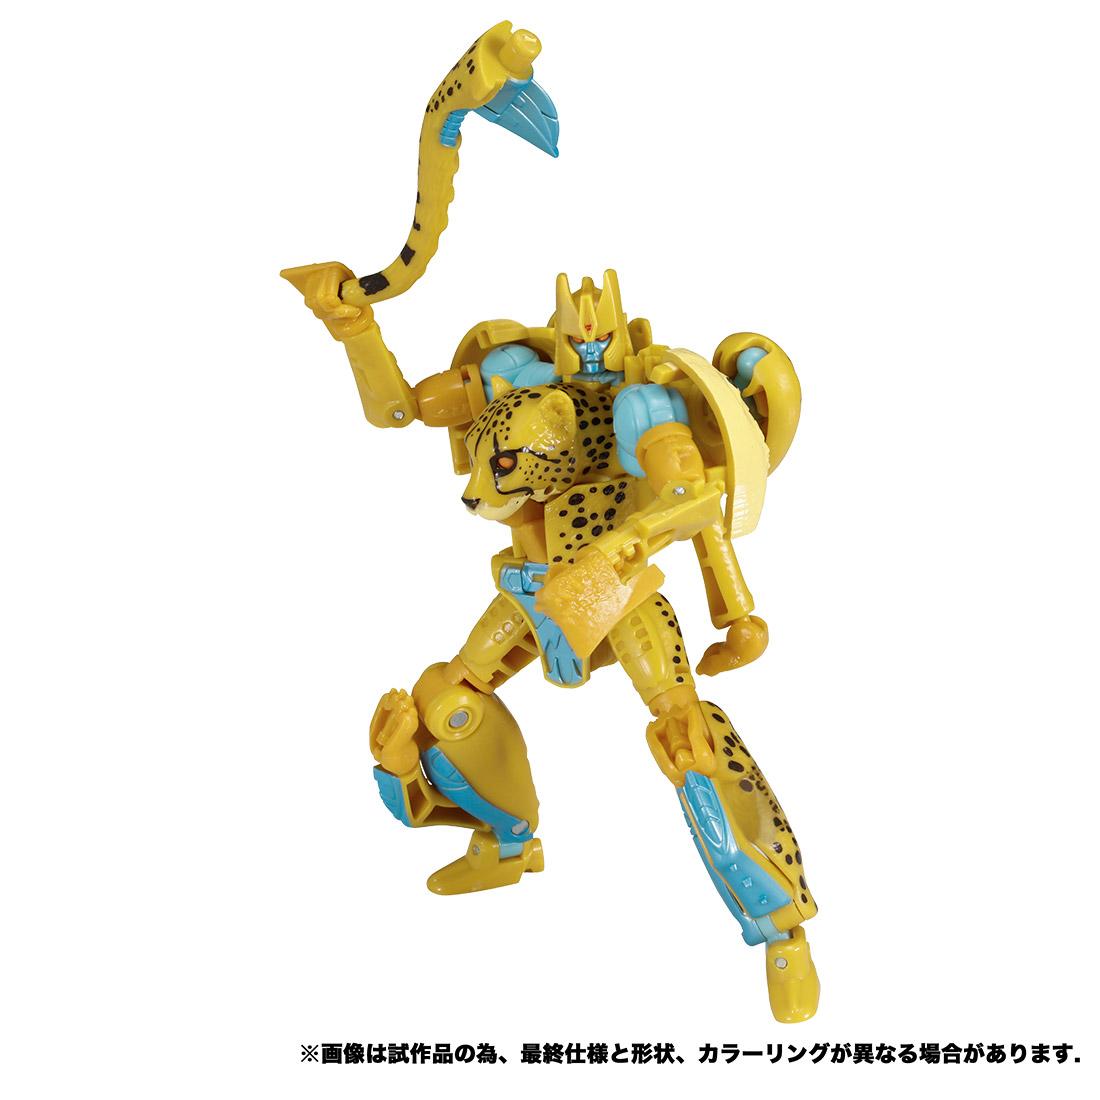 トランスフォーマー キングダム『KD-03 チーター』ビーストウォーズ 可変可動フィギュア-001